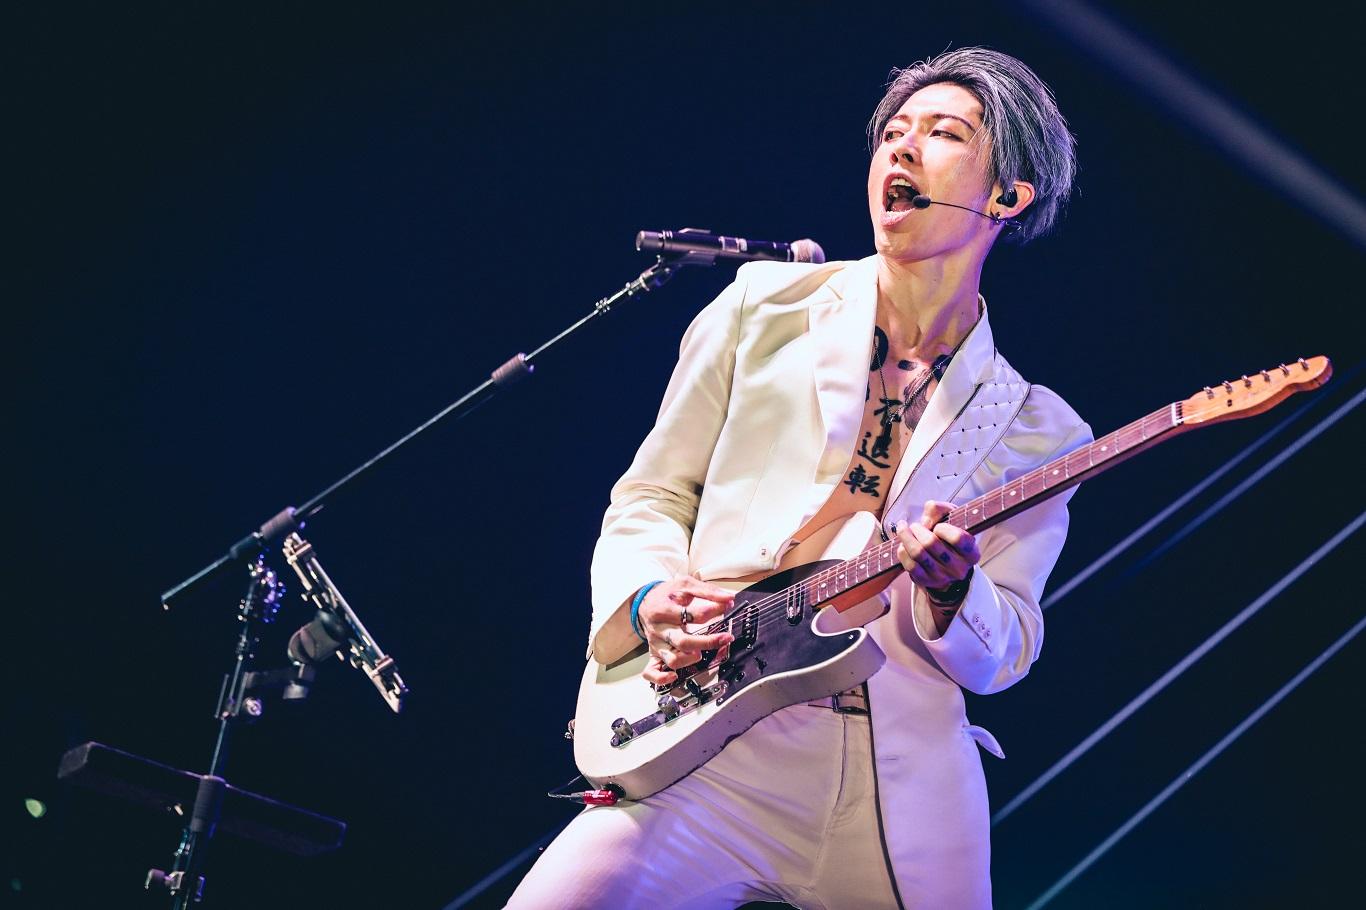 才能があるとは思わない、でも——世界に挑み続けるサムライギタリスト・MIYAVIの矜持